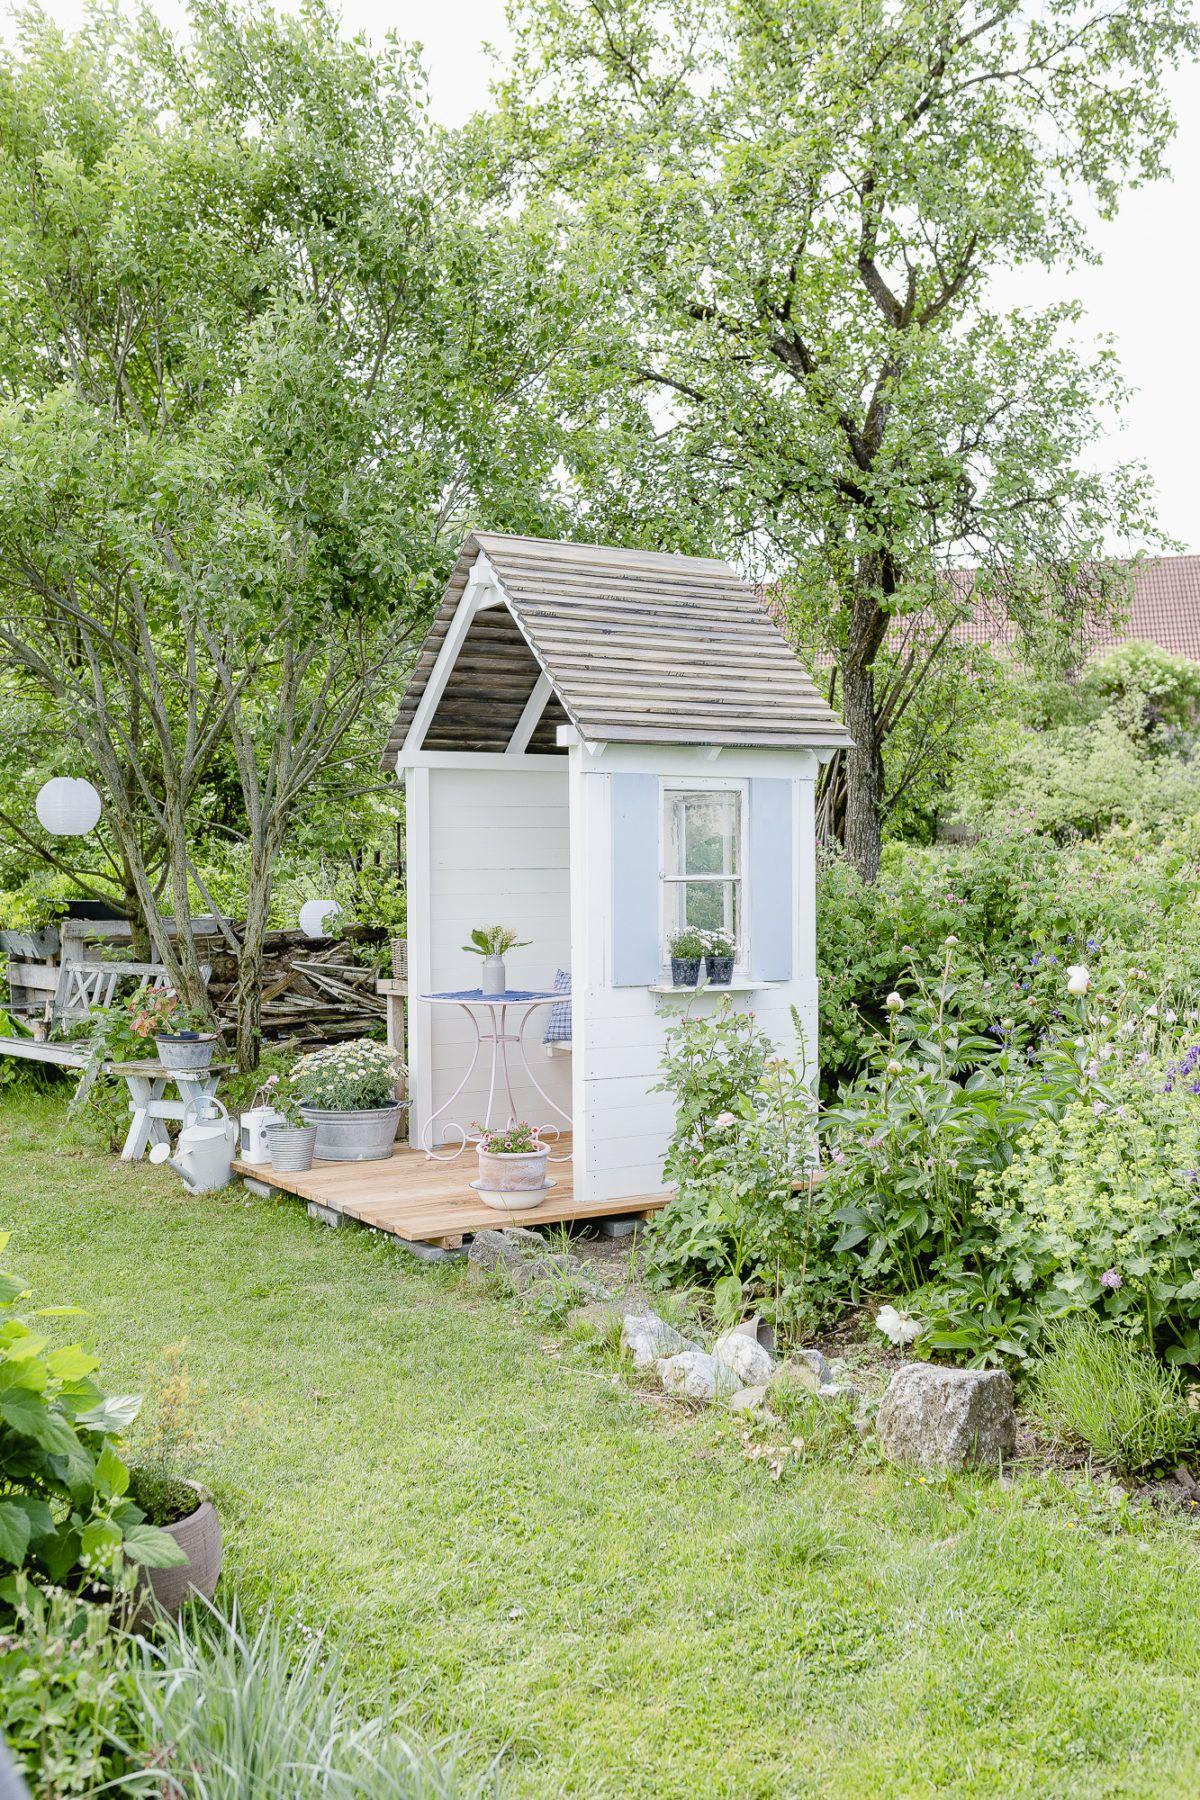 Photo of Gartenprojekt…. die Erweiterung der Pergola • Pomponetti